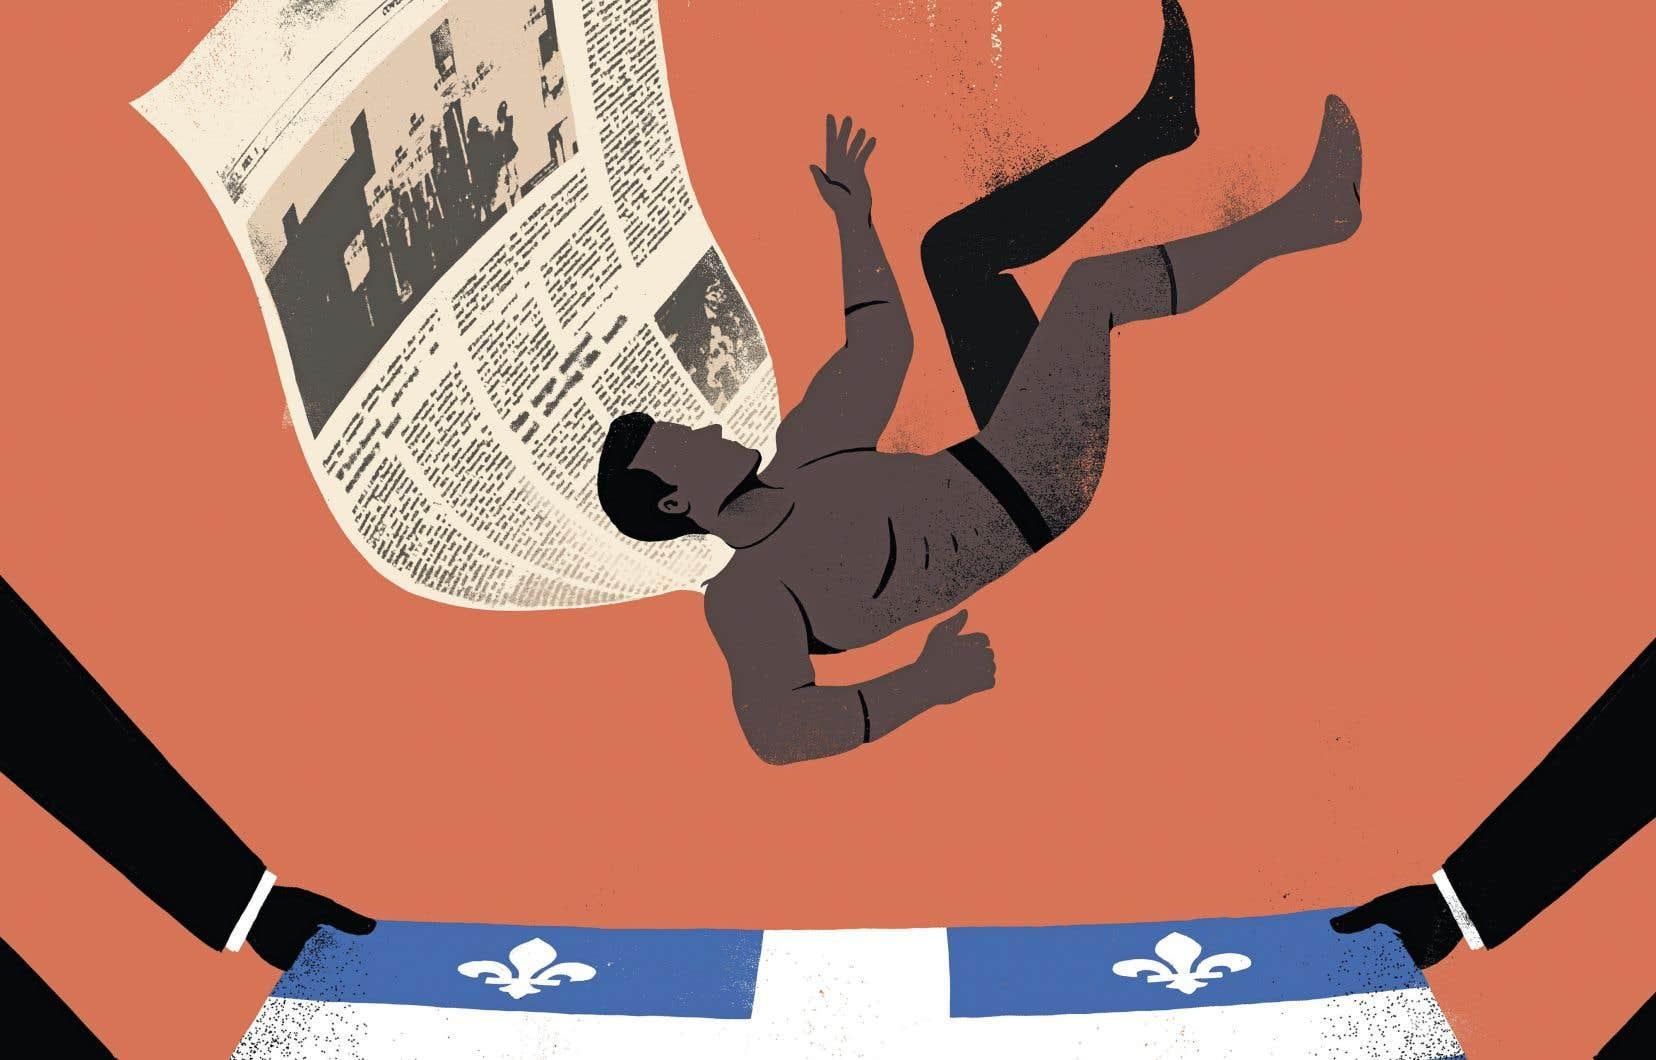 La nécessité de forger une éducation aux médias est l'une des rares solutions à long terme suggérées.